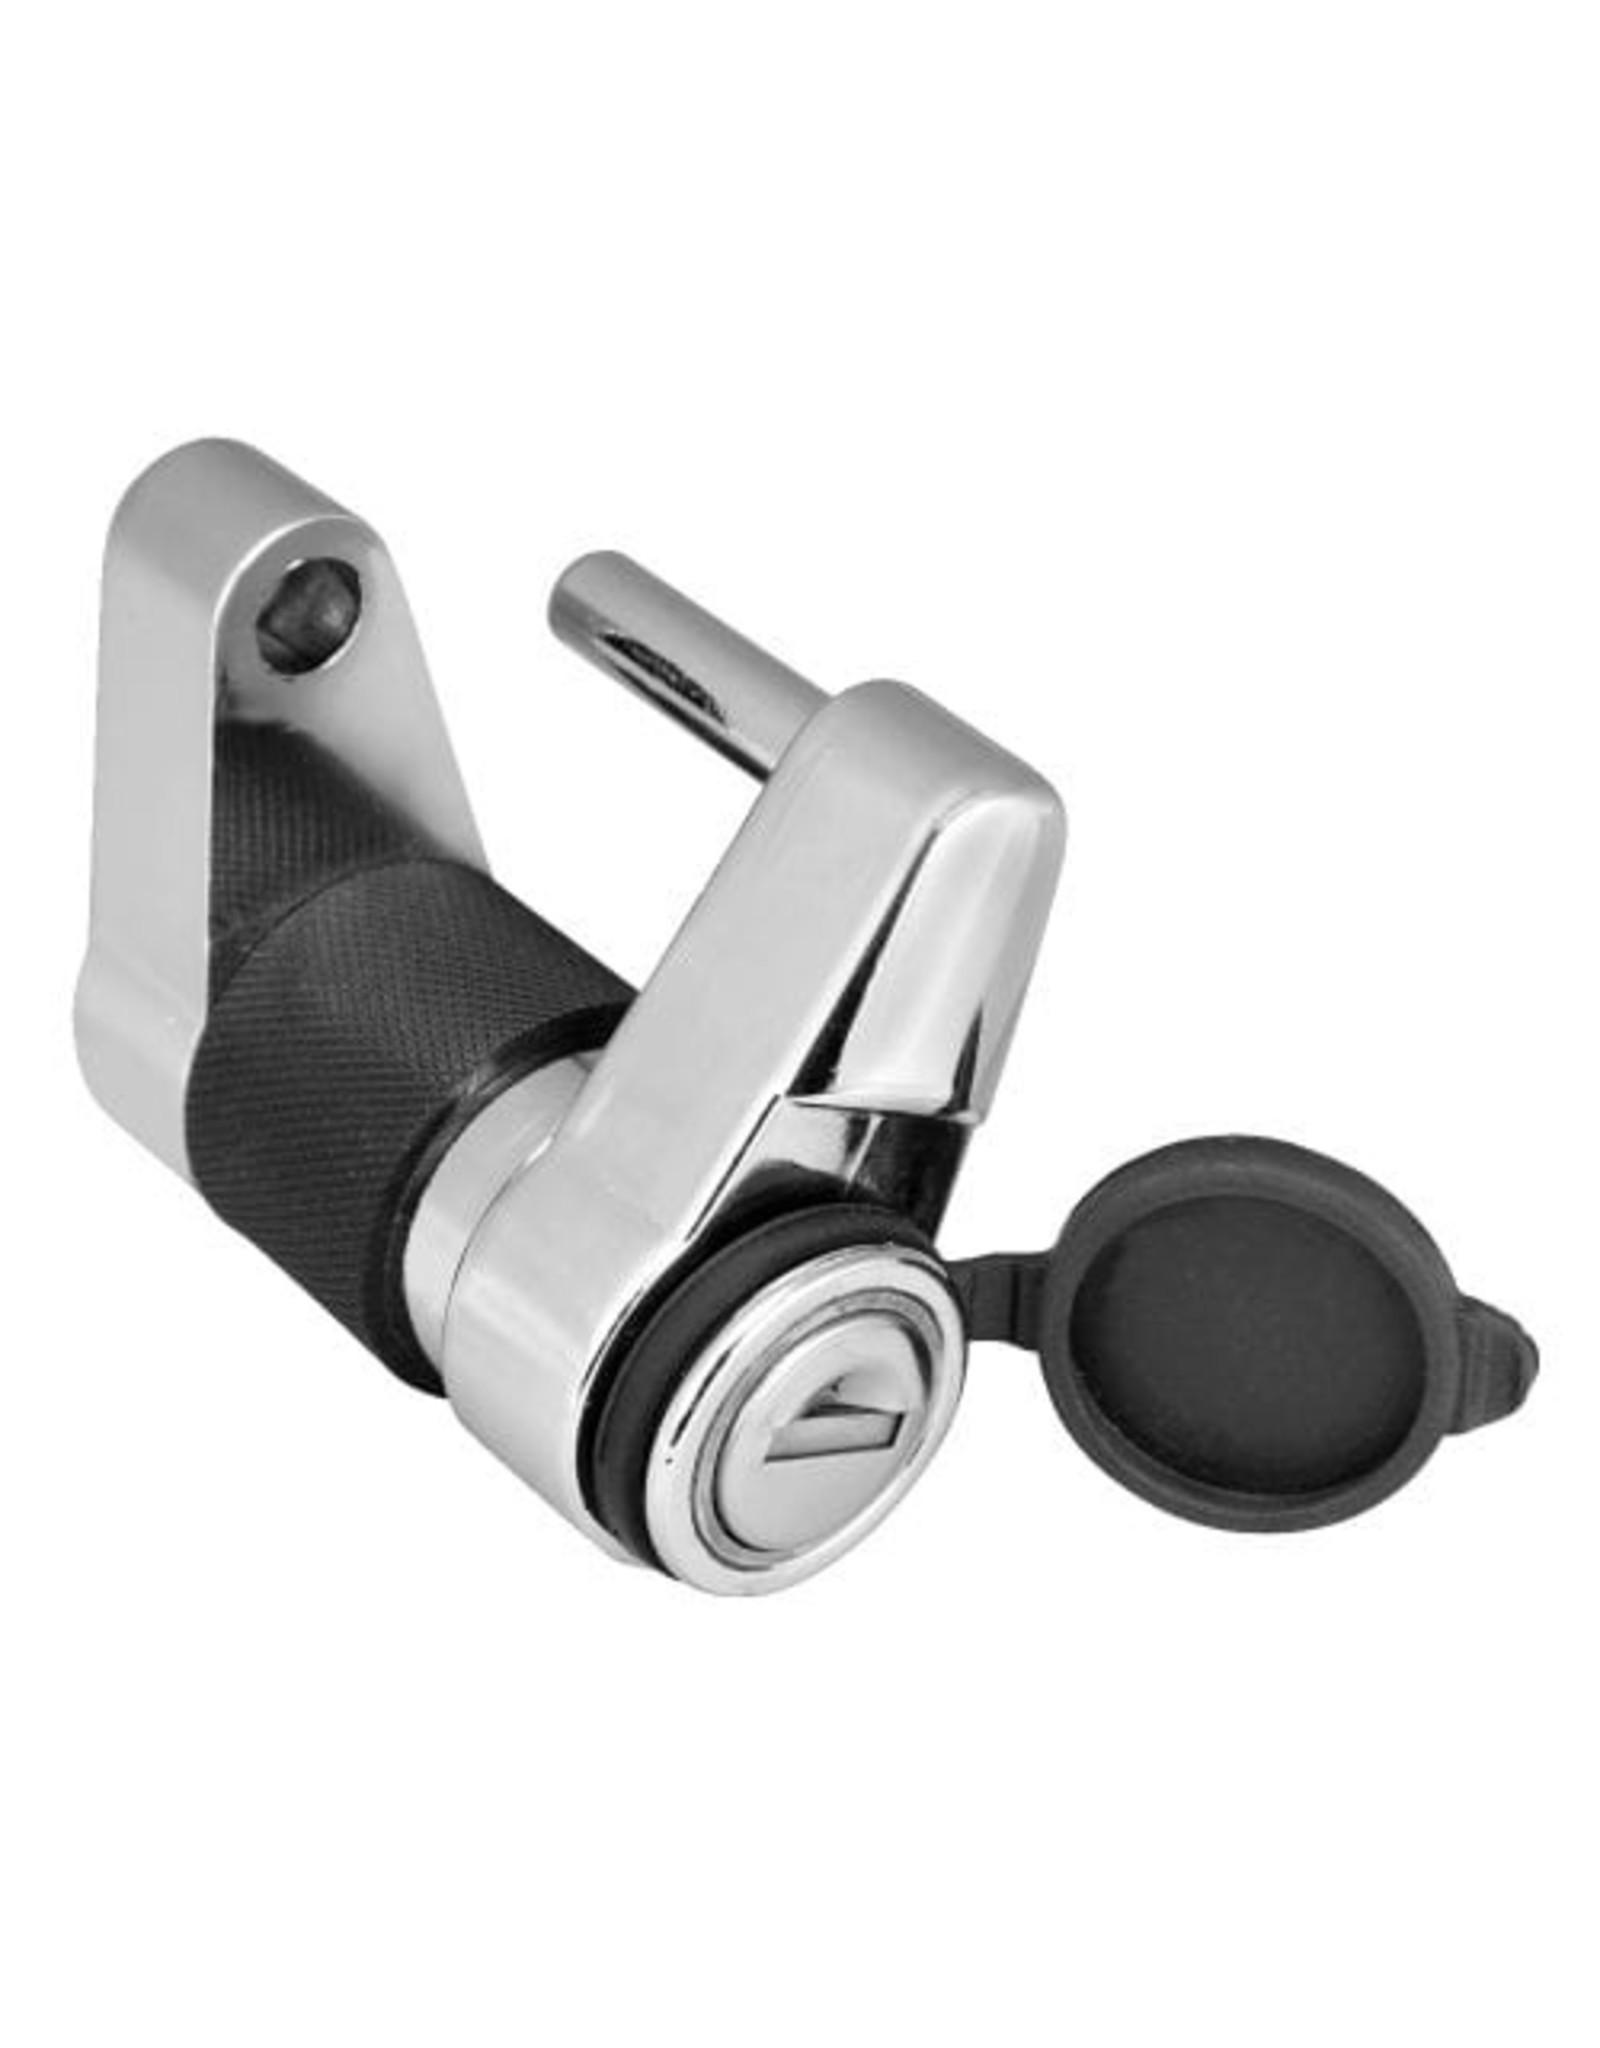 TRIMAX TMC10 Delux Lever coupler Lock